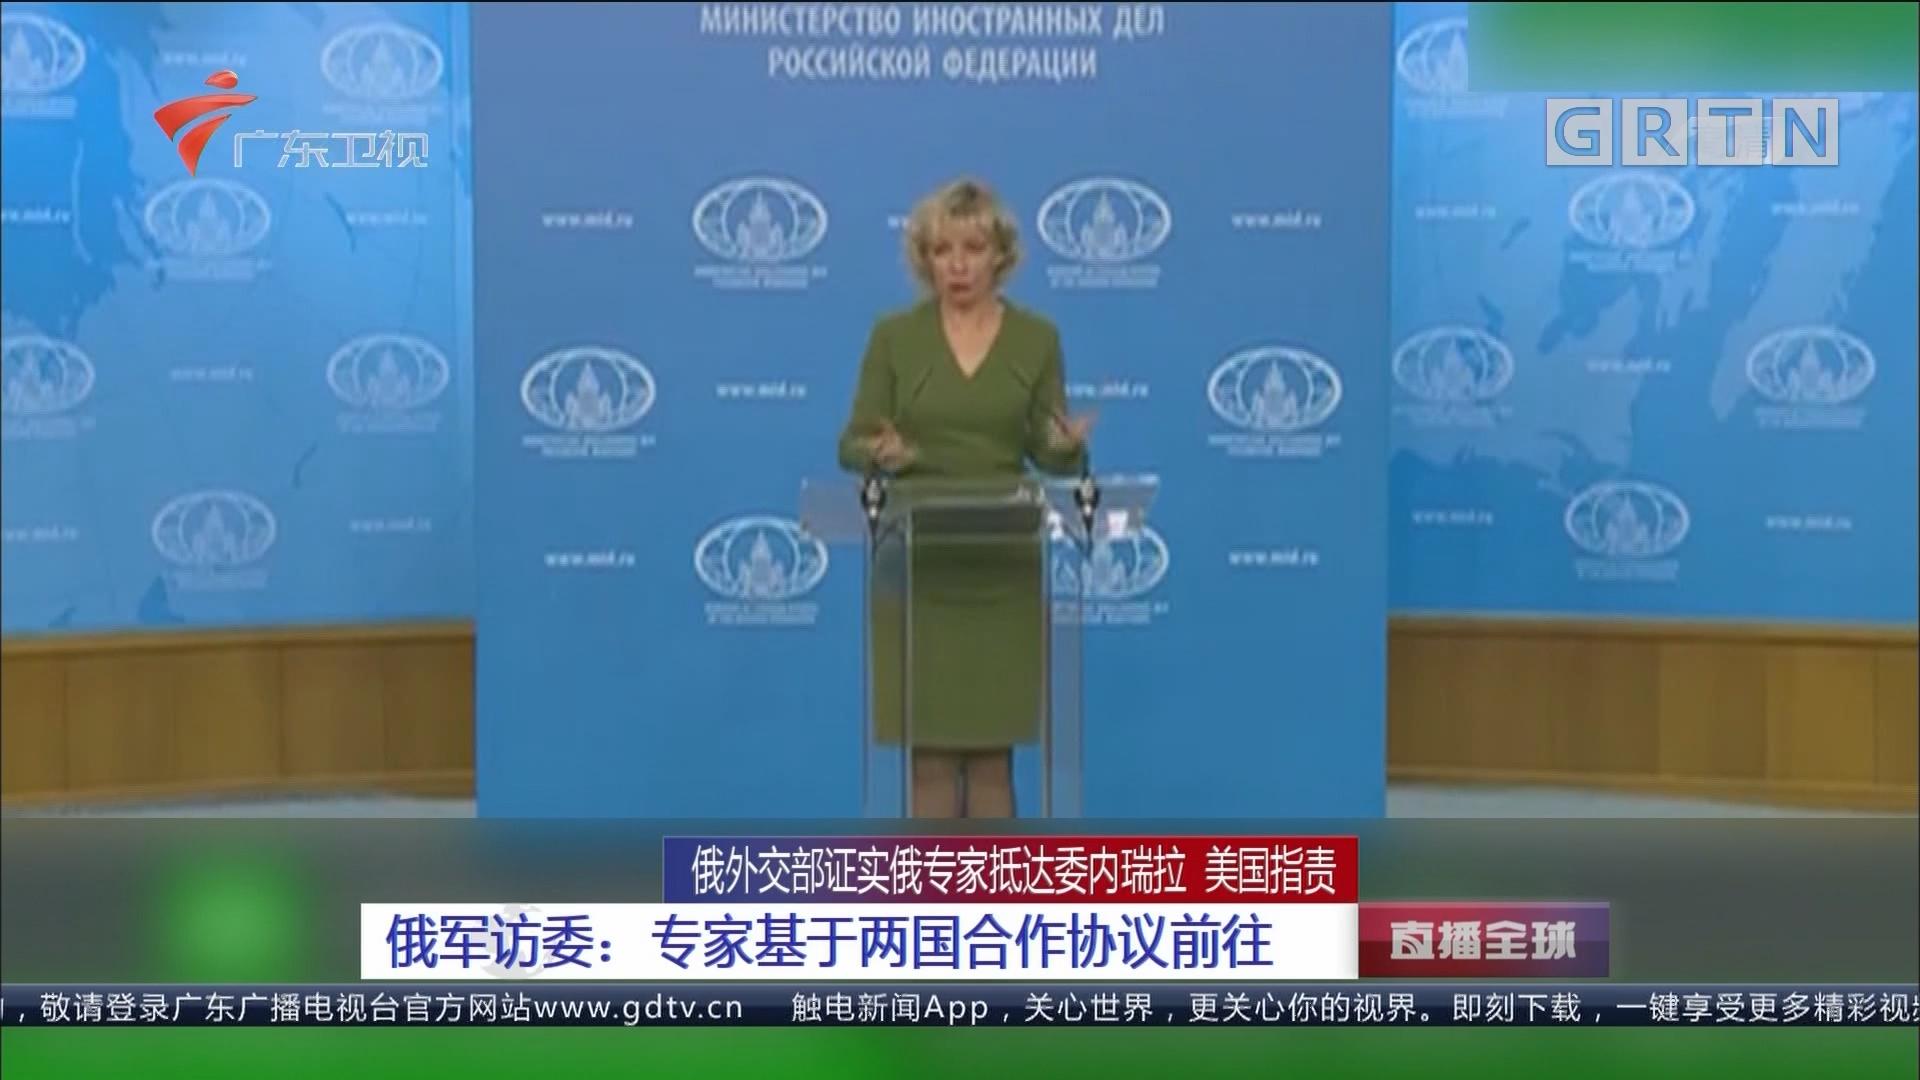 俄外交部证实俄专家抵达委内瑞拉 美国指责 俄军访委:专家基于两国合作协议前往